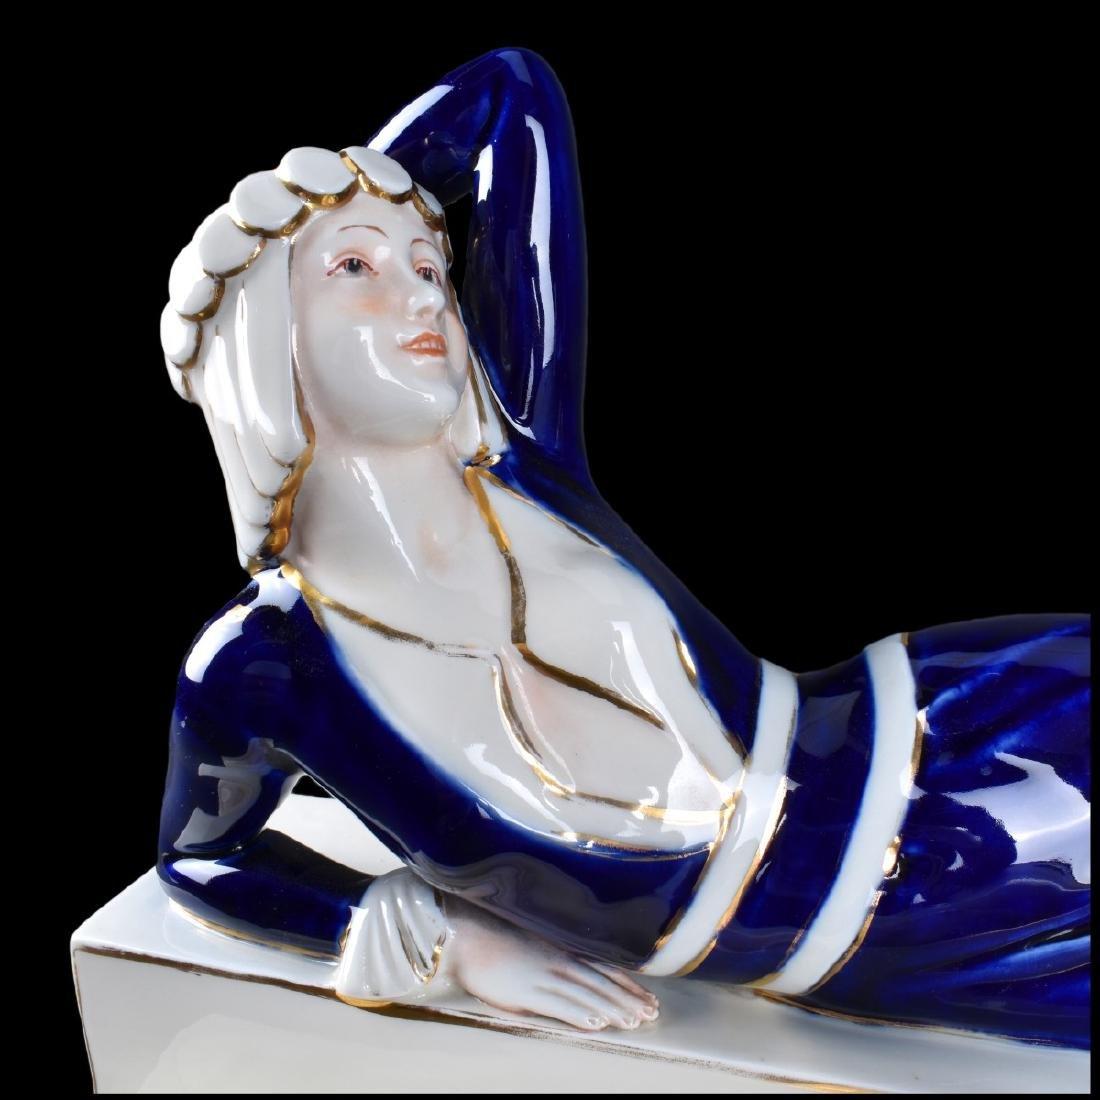 Large Royal Dux Art Deco Porcelain Figurine - 2